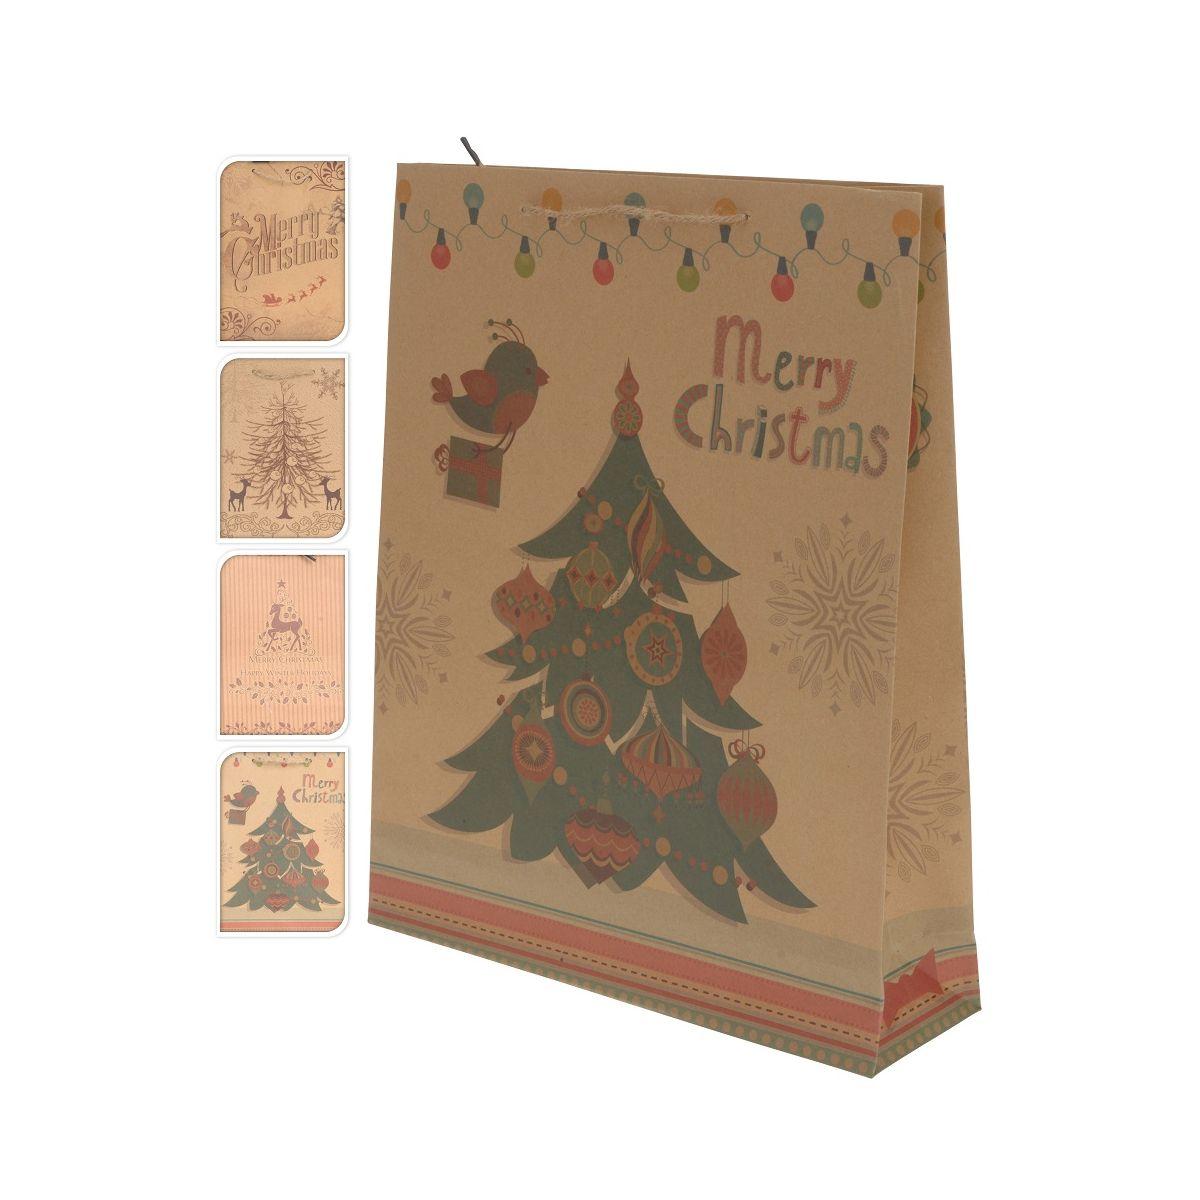 Пакет подарочный  33х9,6х41 смпакет подарочный разм. 33х9,6х41 см<br>